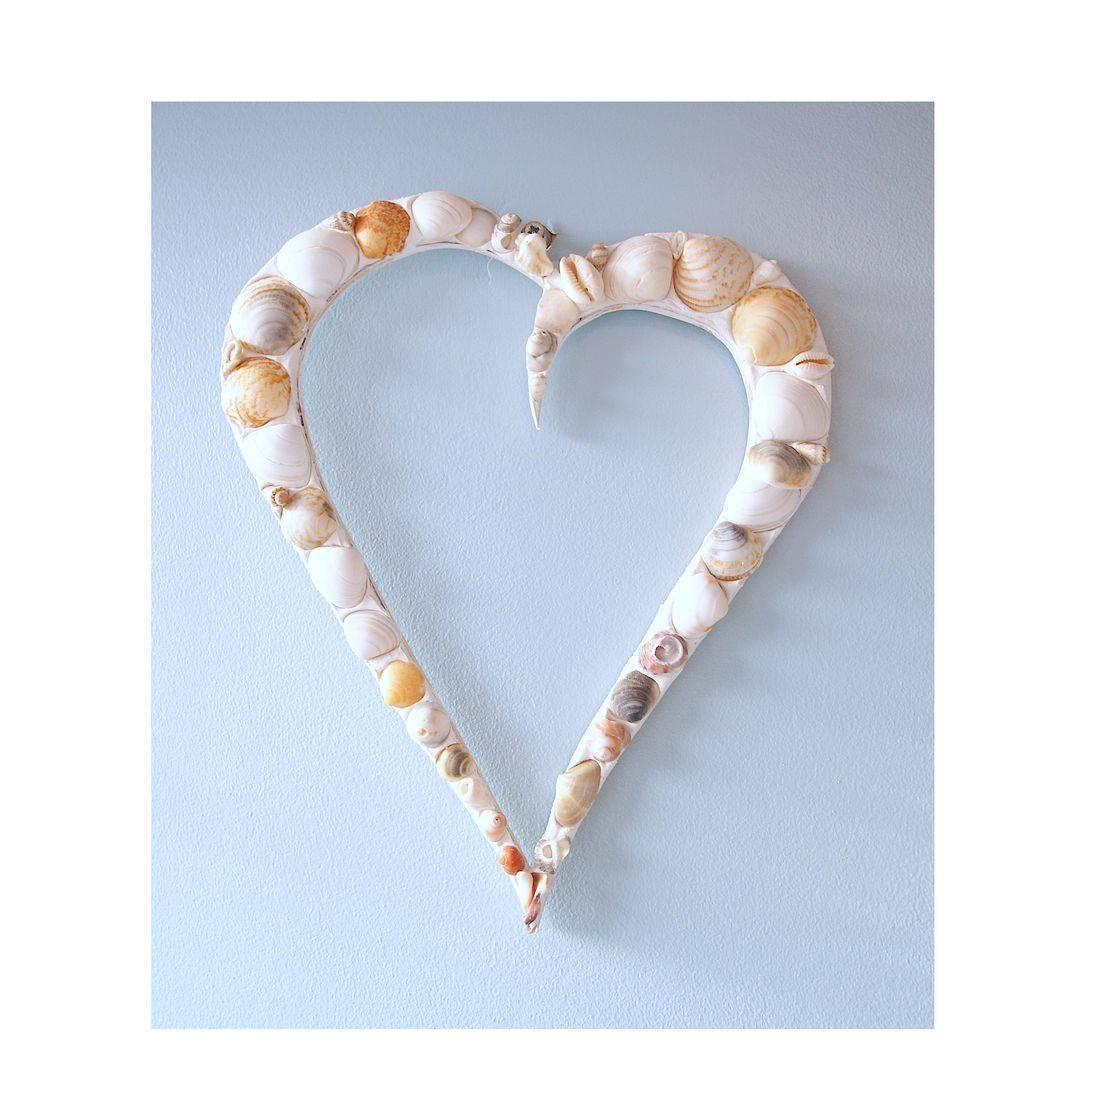 10 Mosaic Shell hollow heart